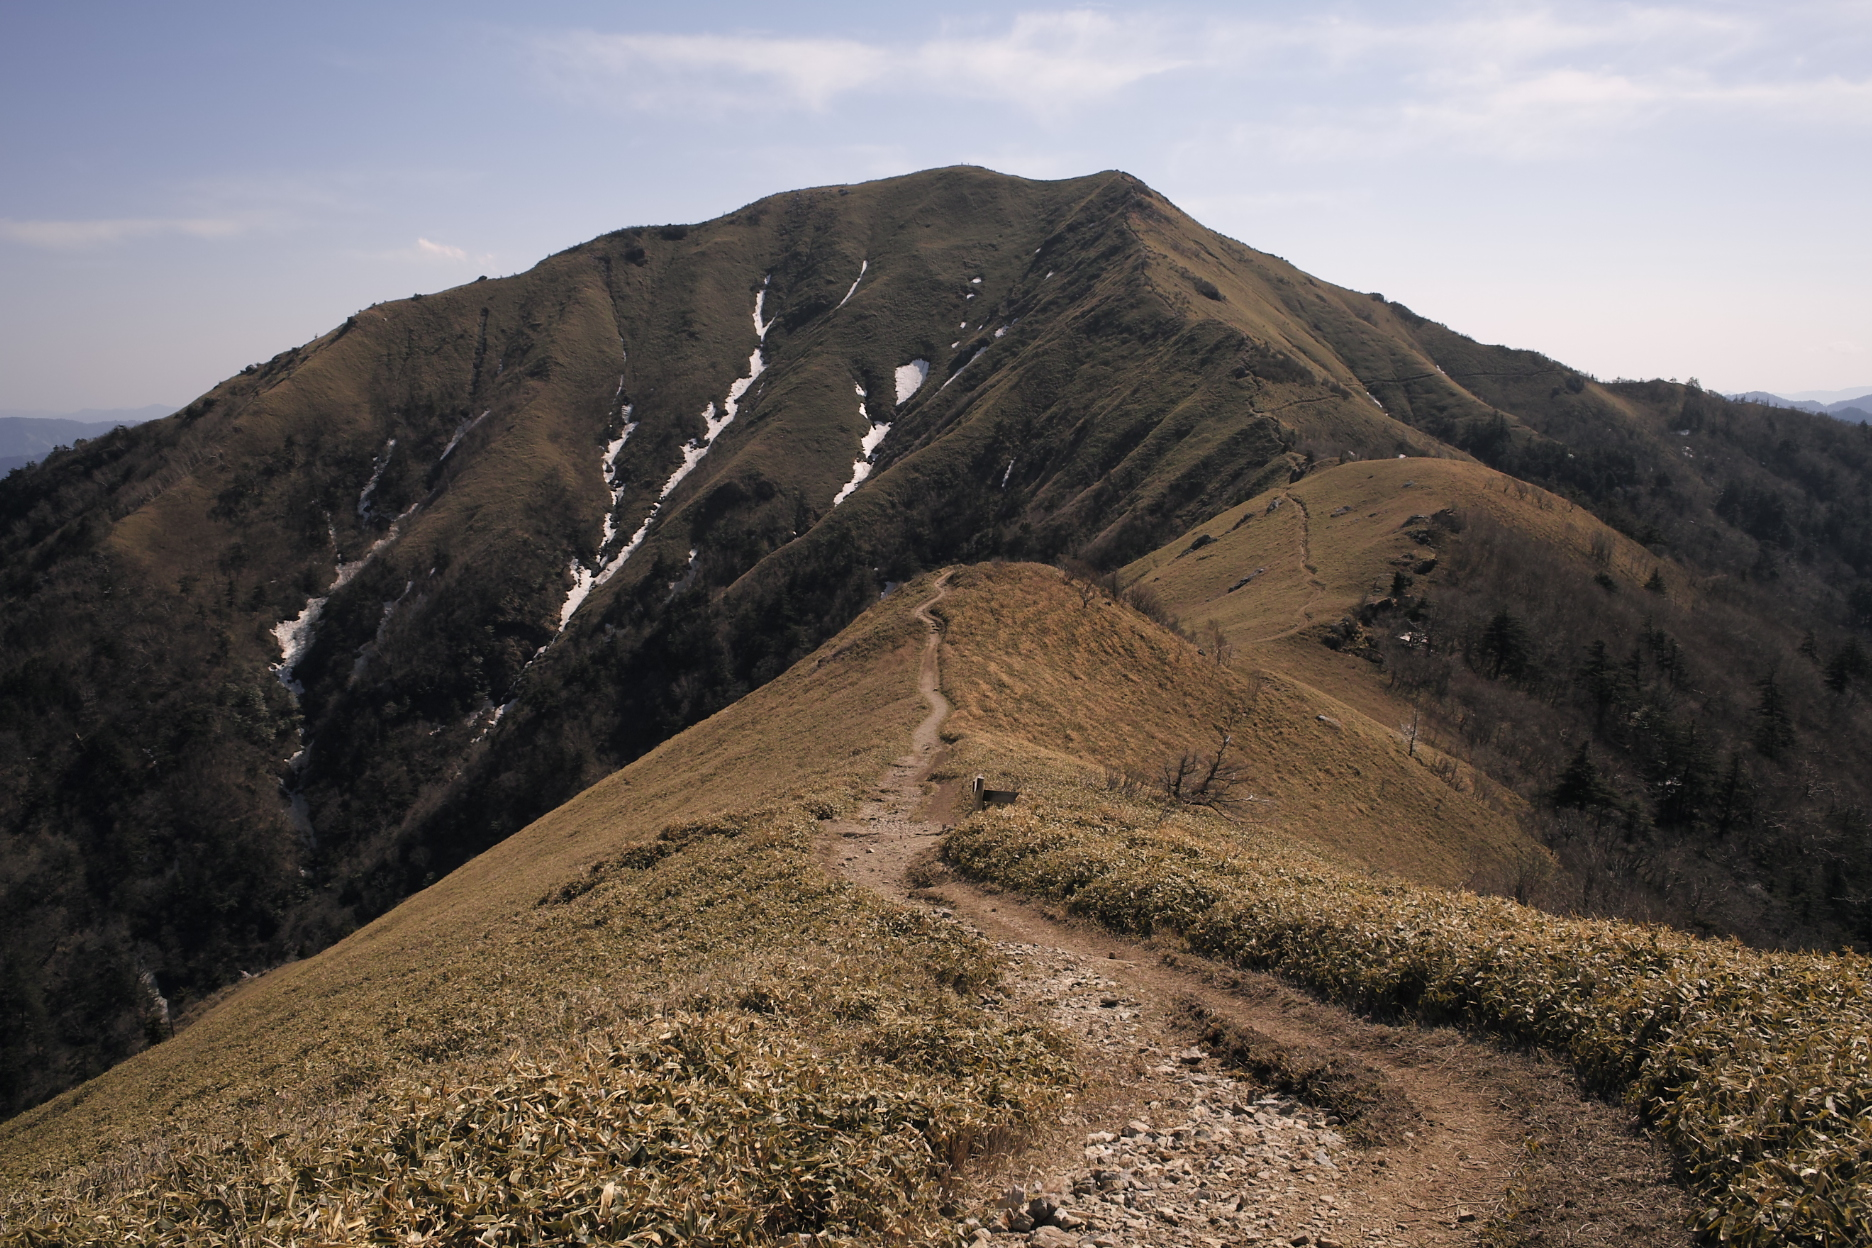 2011年4月29日 四国:剣山と次郎笈へ縦走登山